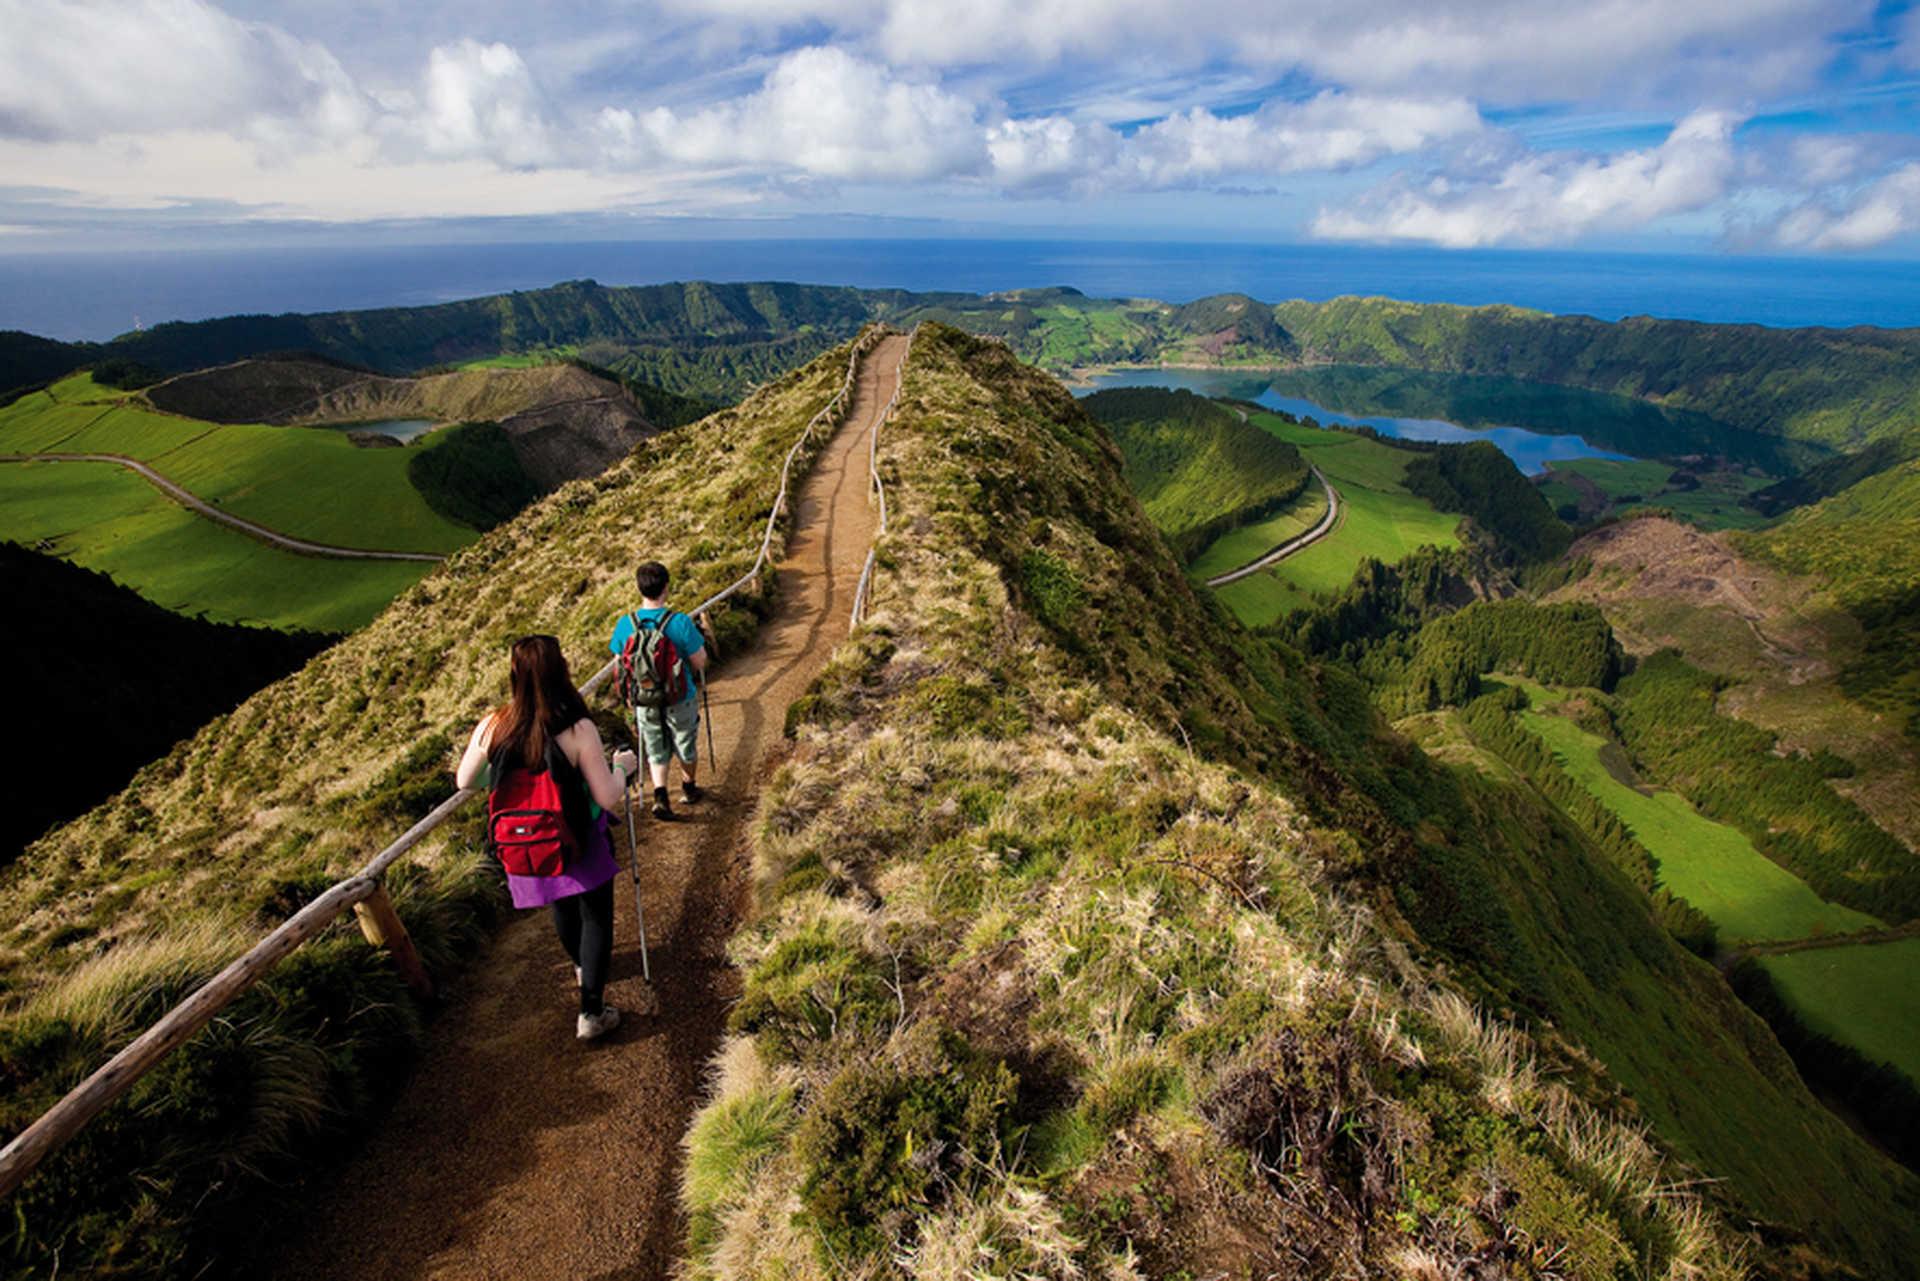 Randonnée sur l'île de Sao Miguel aux Açores